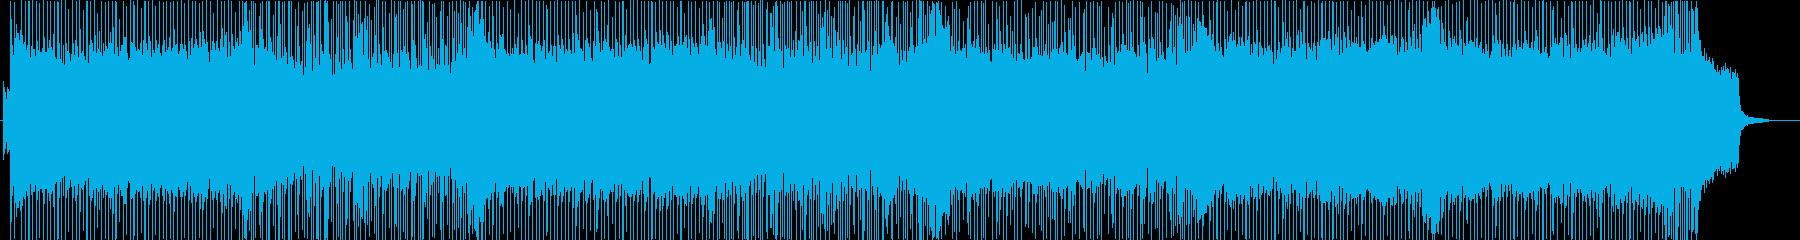 「宿命の戦い」的なストリングス主体BGMの再生済みの波形